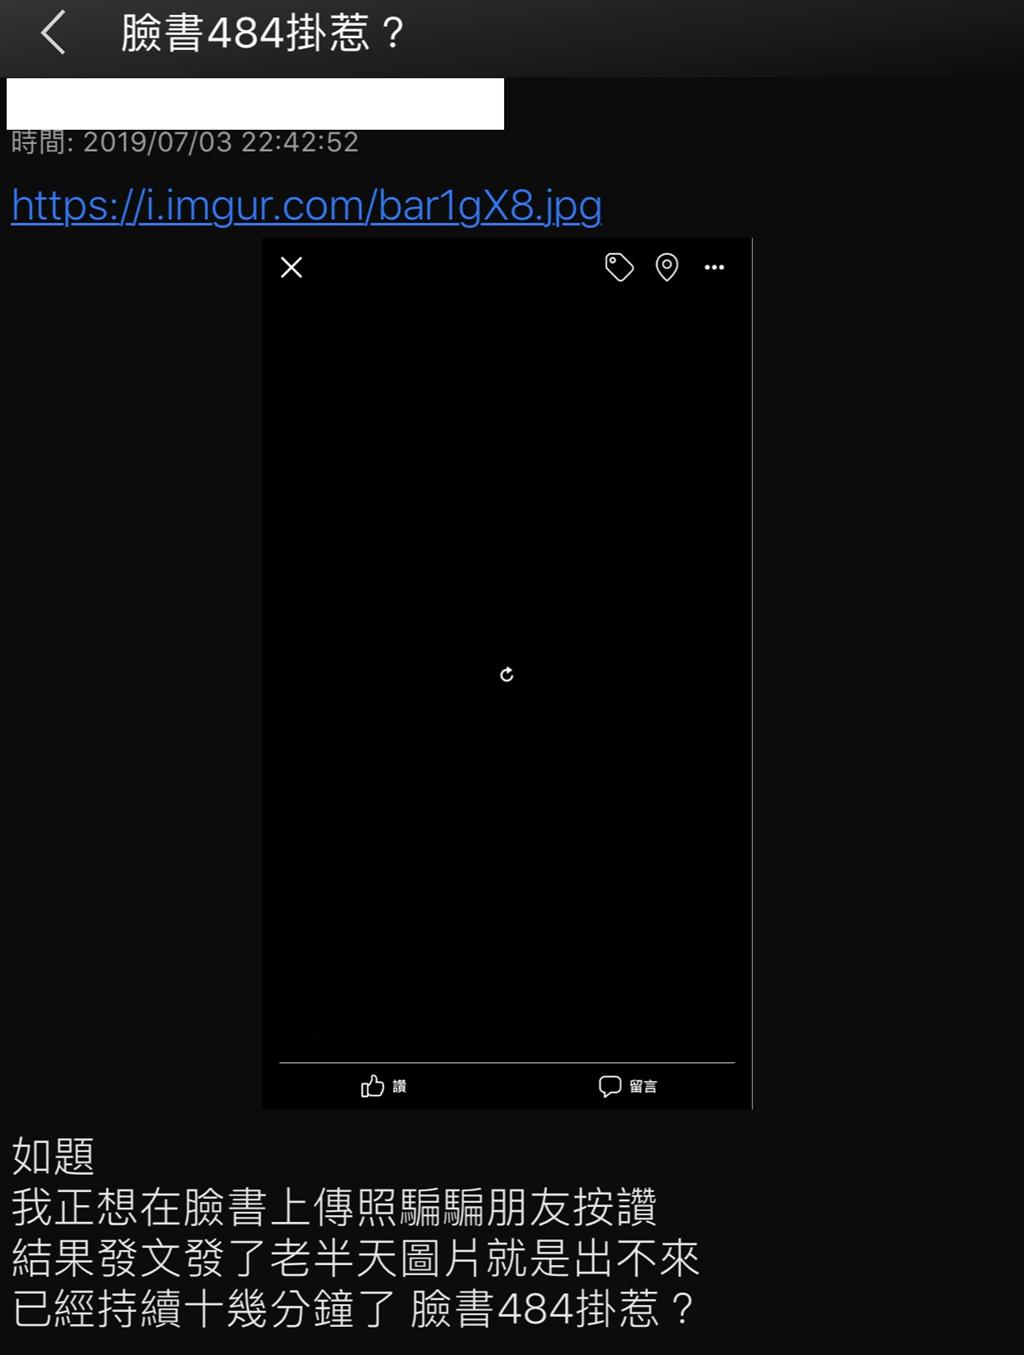 臉書、IG又大當機!網哀嚎:圖片出不來。(圖/翻攝自批踢踢)